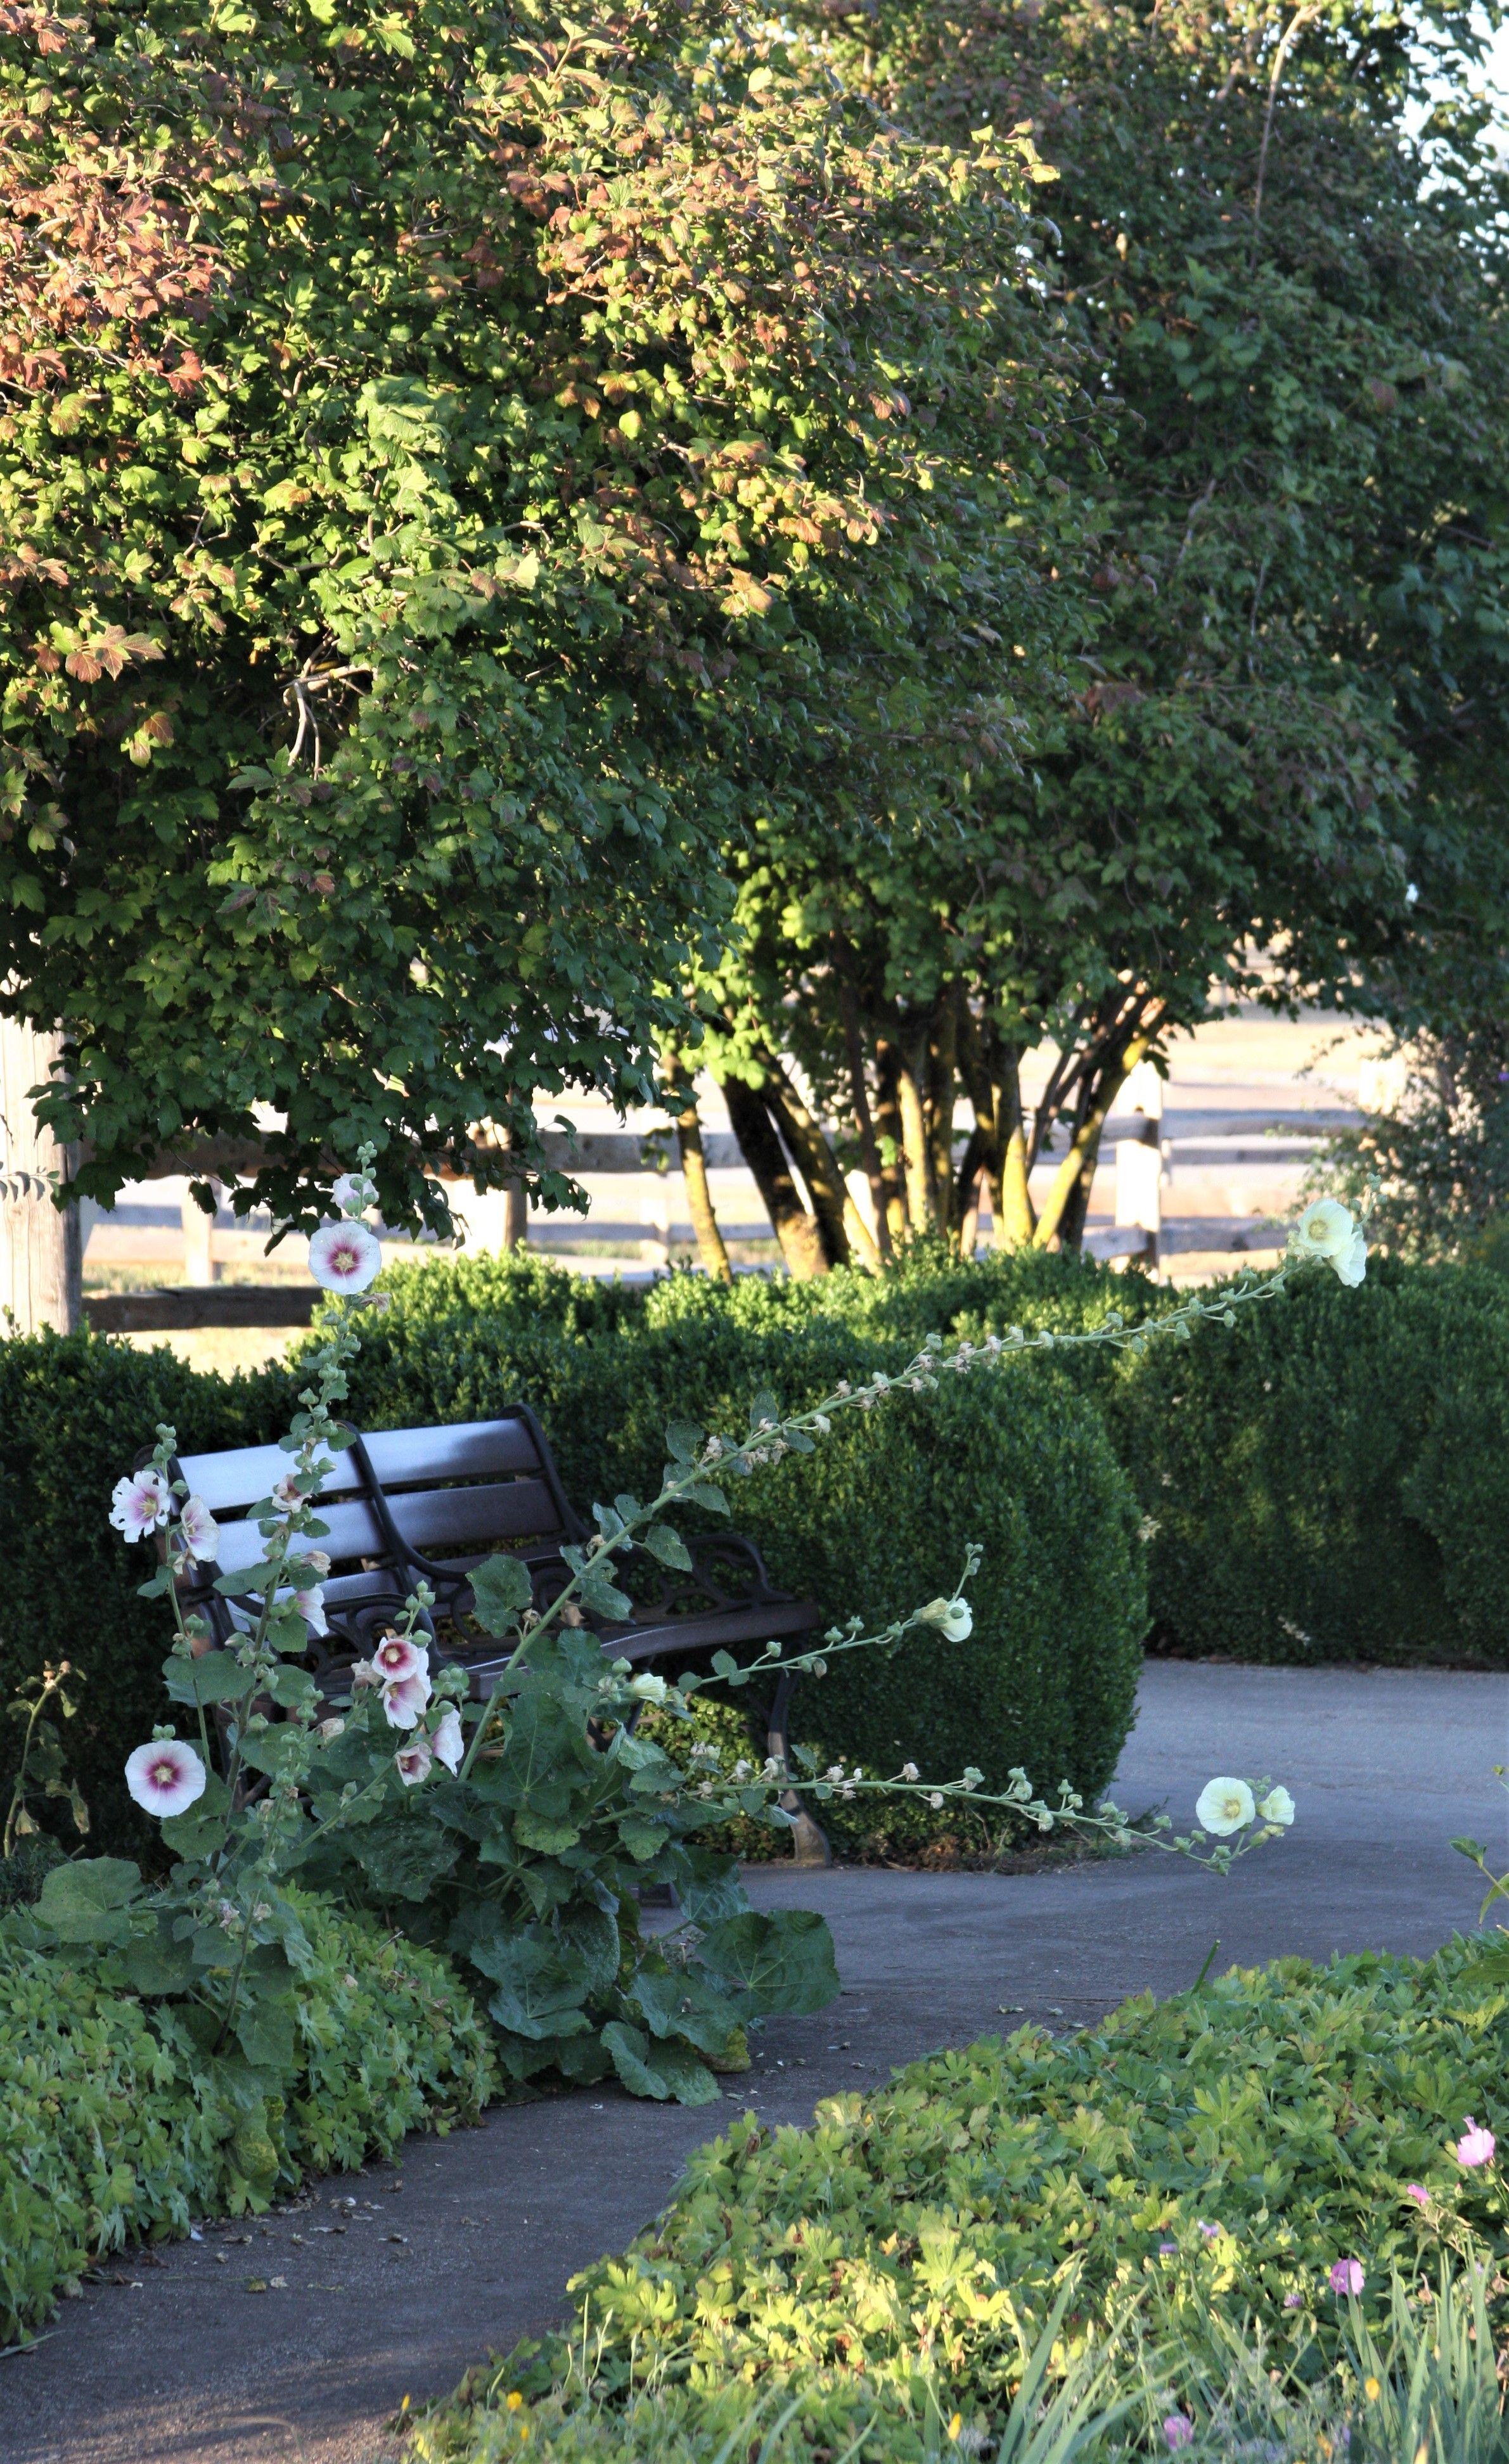 Garden Bench Fort Garden Vancouver Washington 09 2018